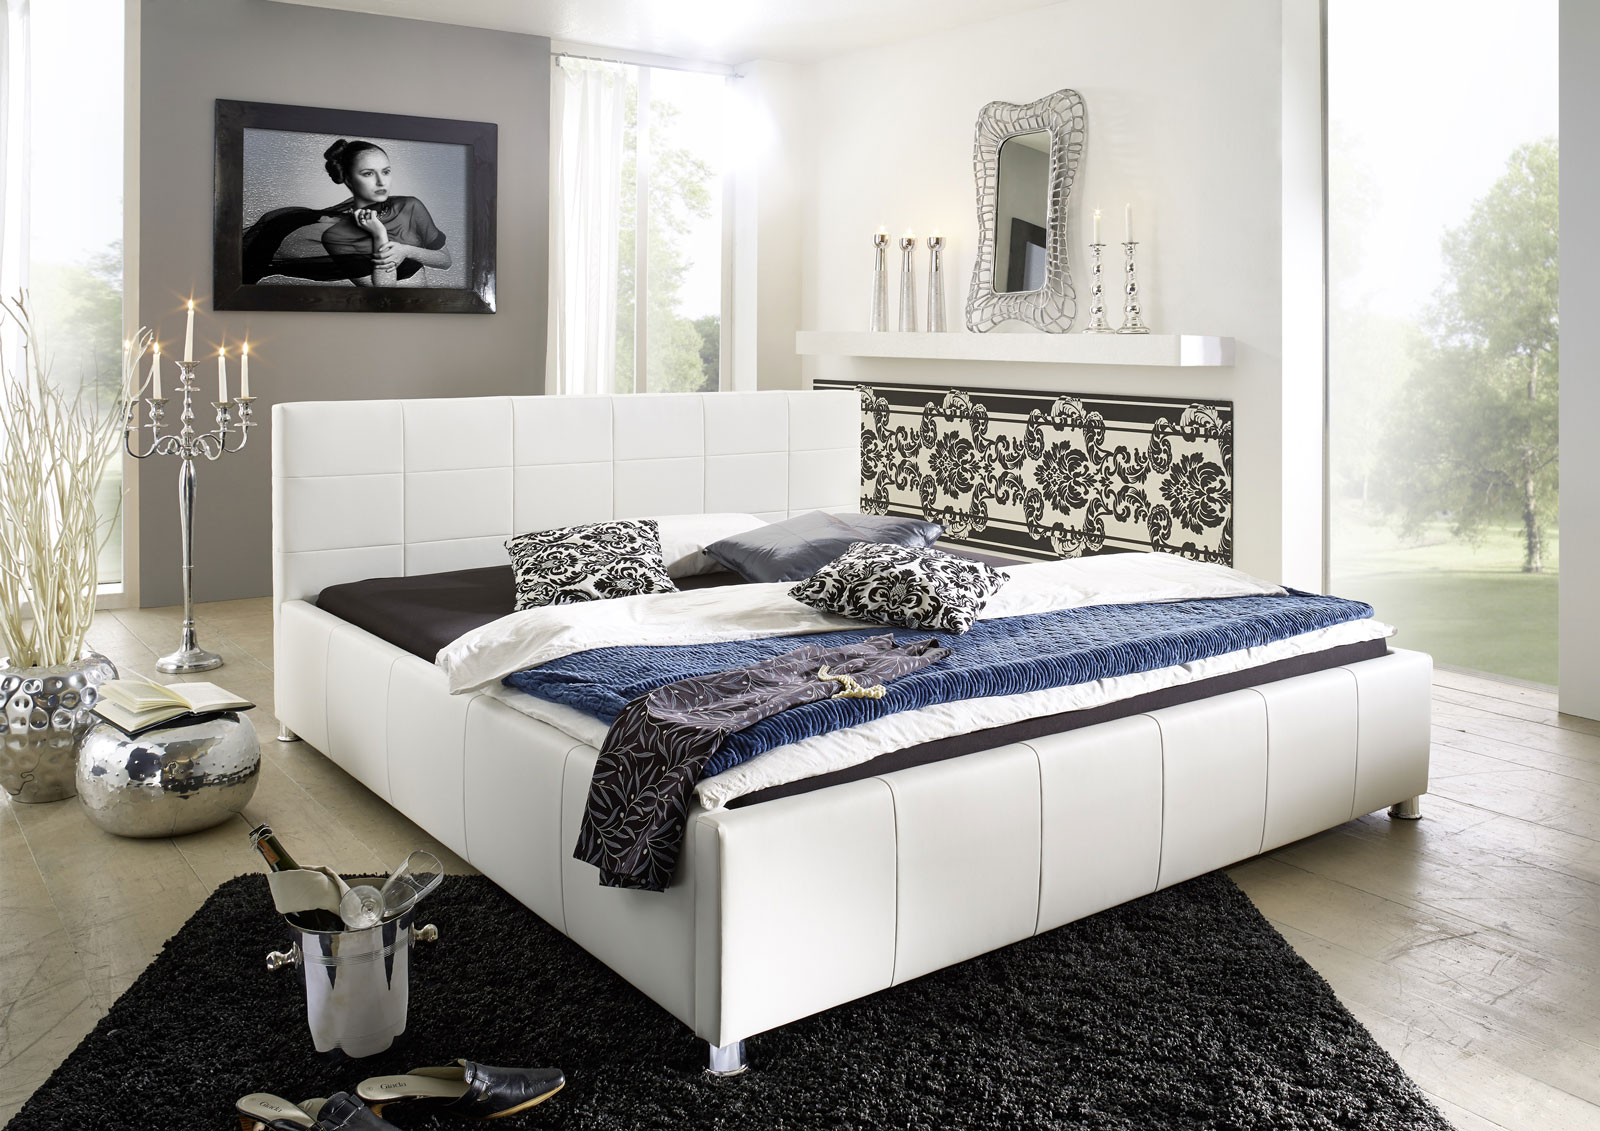 SAM® Polster Bett 100 x 200 cm weiß KIRA günstig